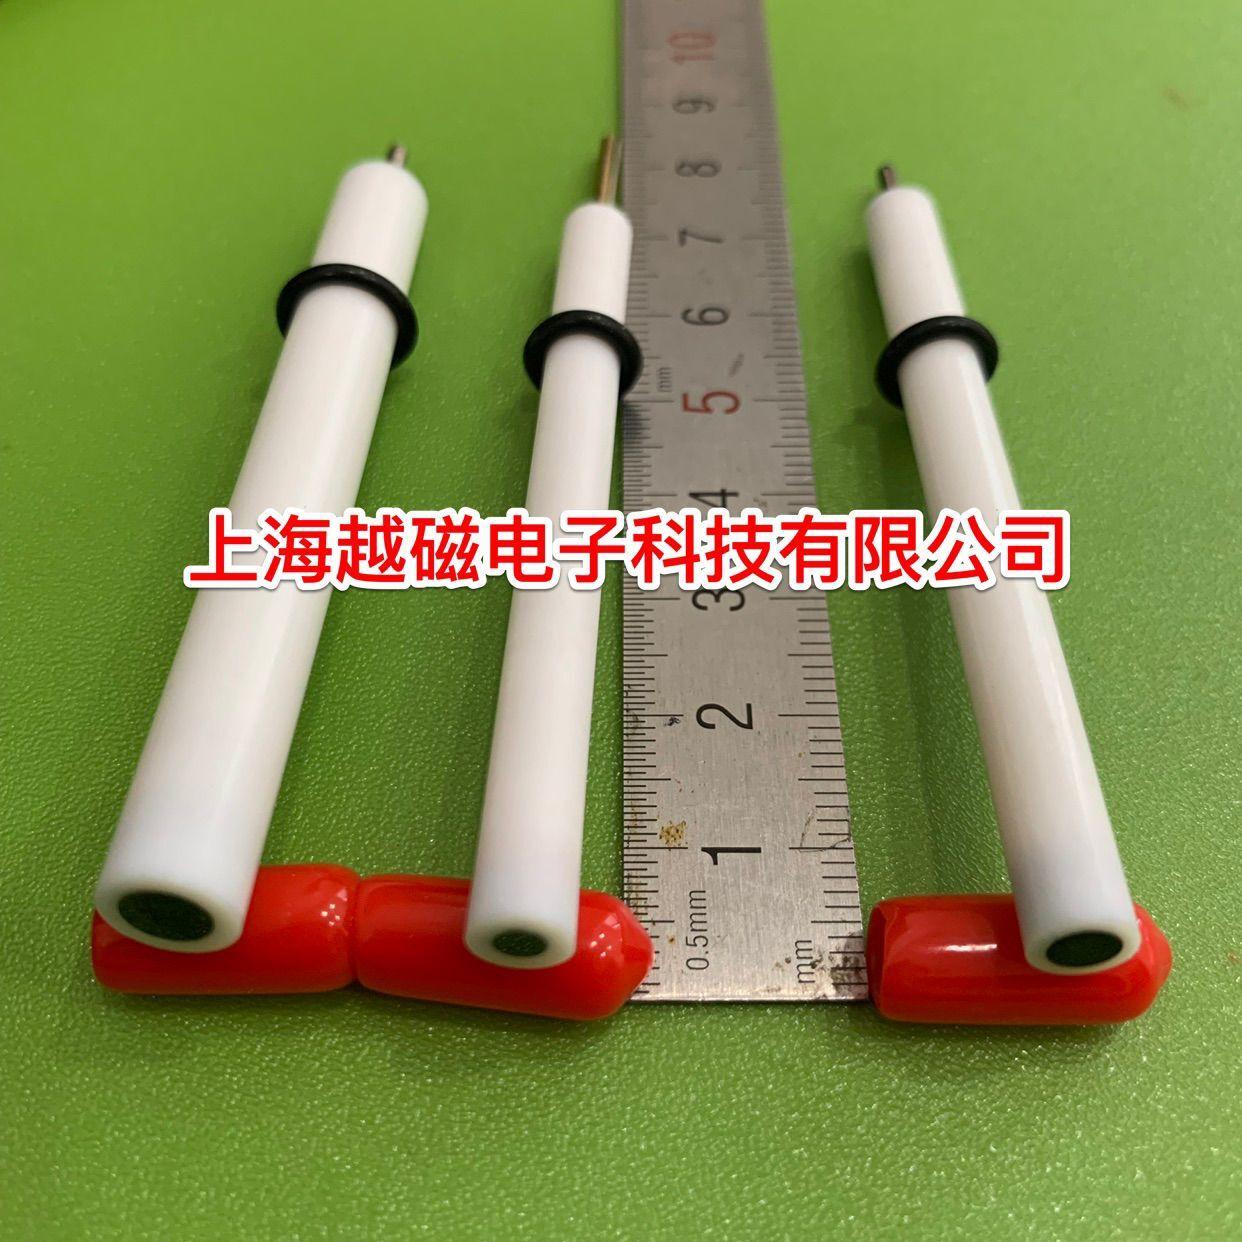 Glassy Carbon Electrode (3mm Glassy Carbon Electrode, Imported Glassy Carbon) 4mm, 5mm